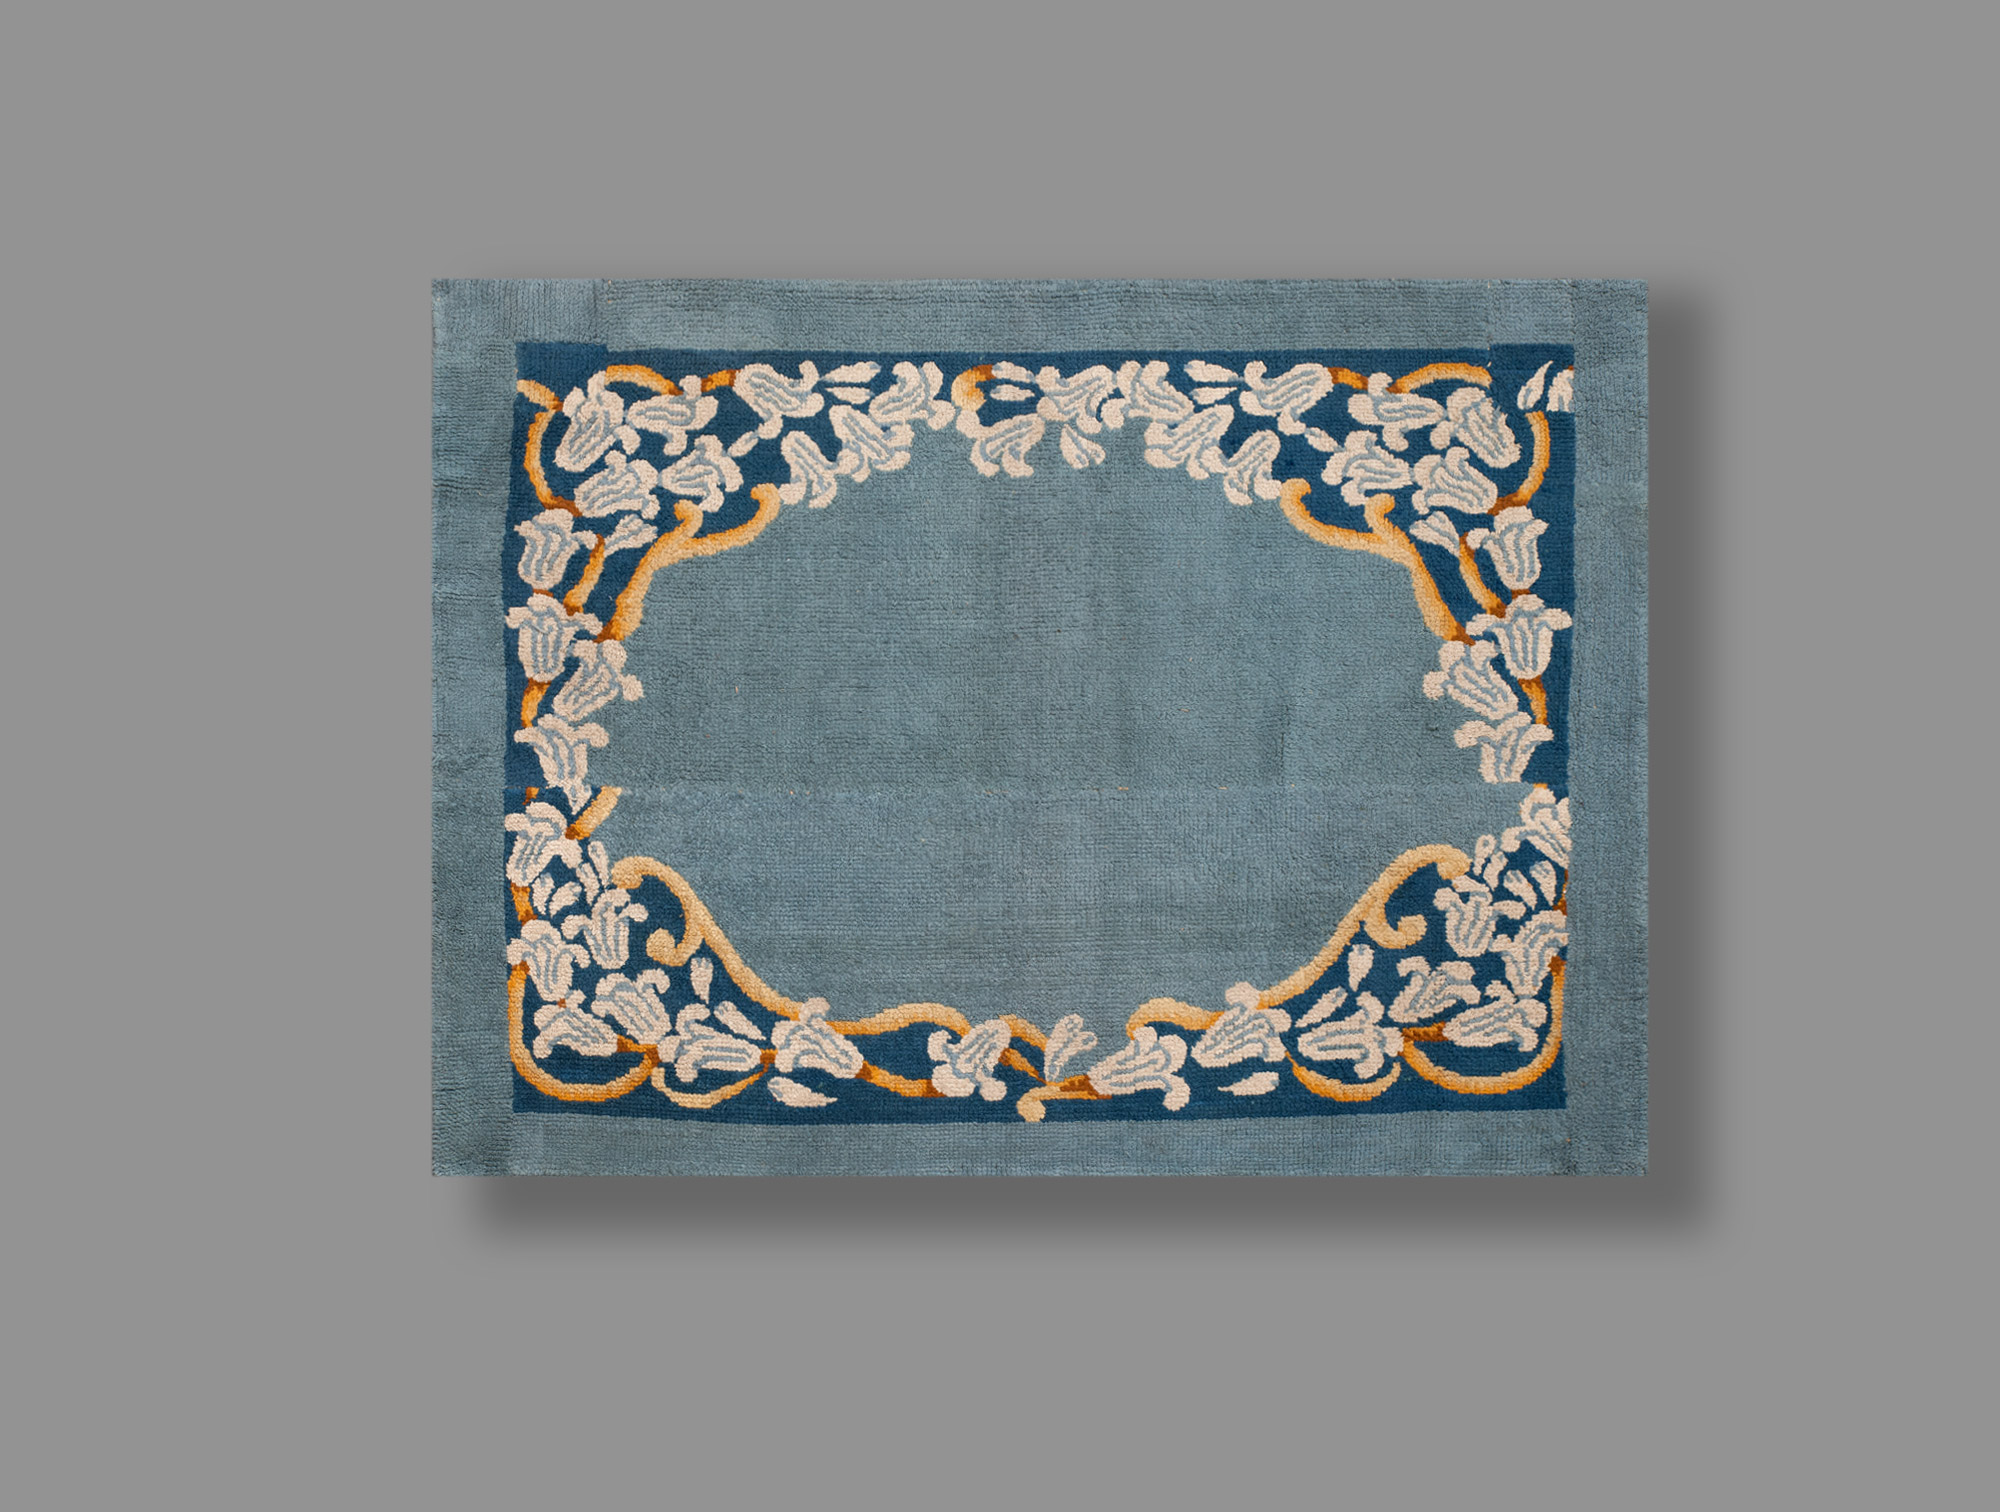 soubrier louer mobiliers tapis art